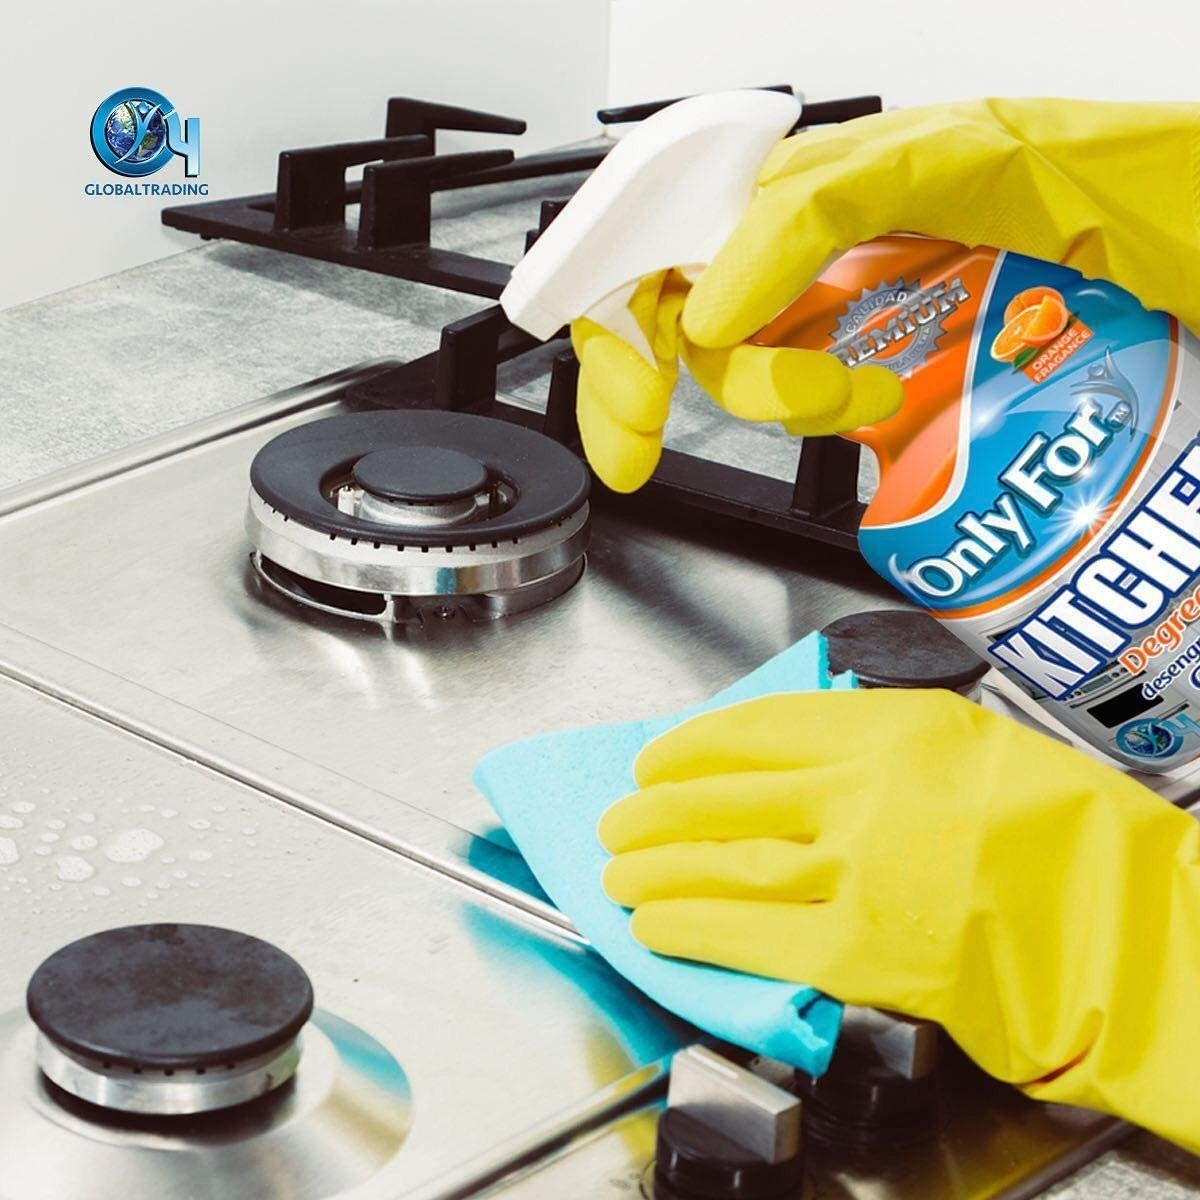 Una persona quita la grasa y la suciedad de la estufa con una líquido limpiador y usando guantes